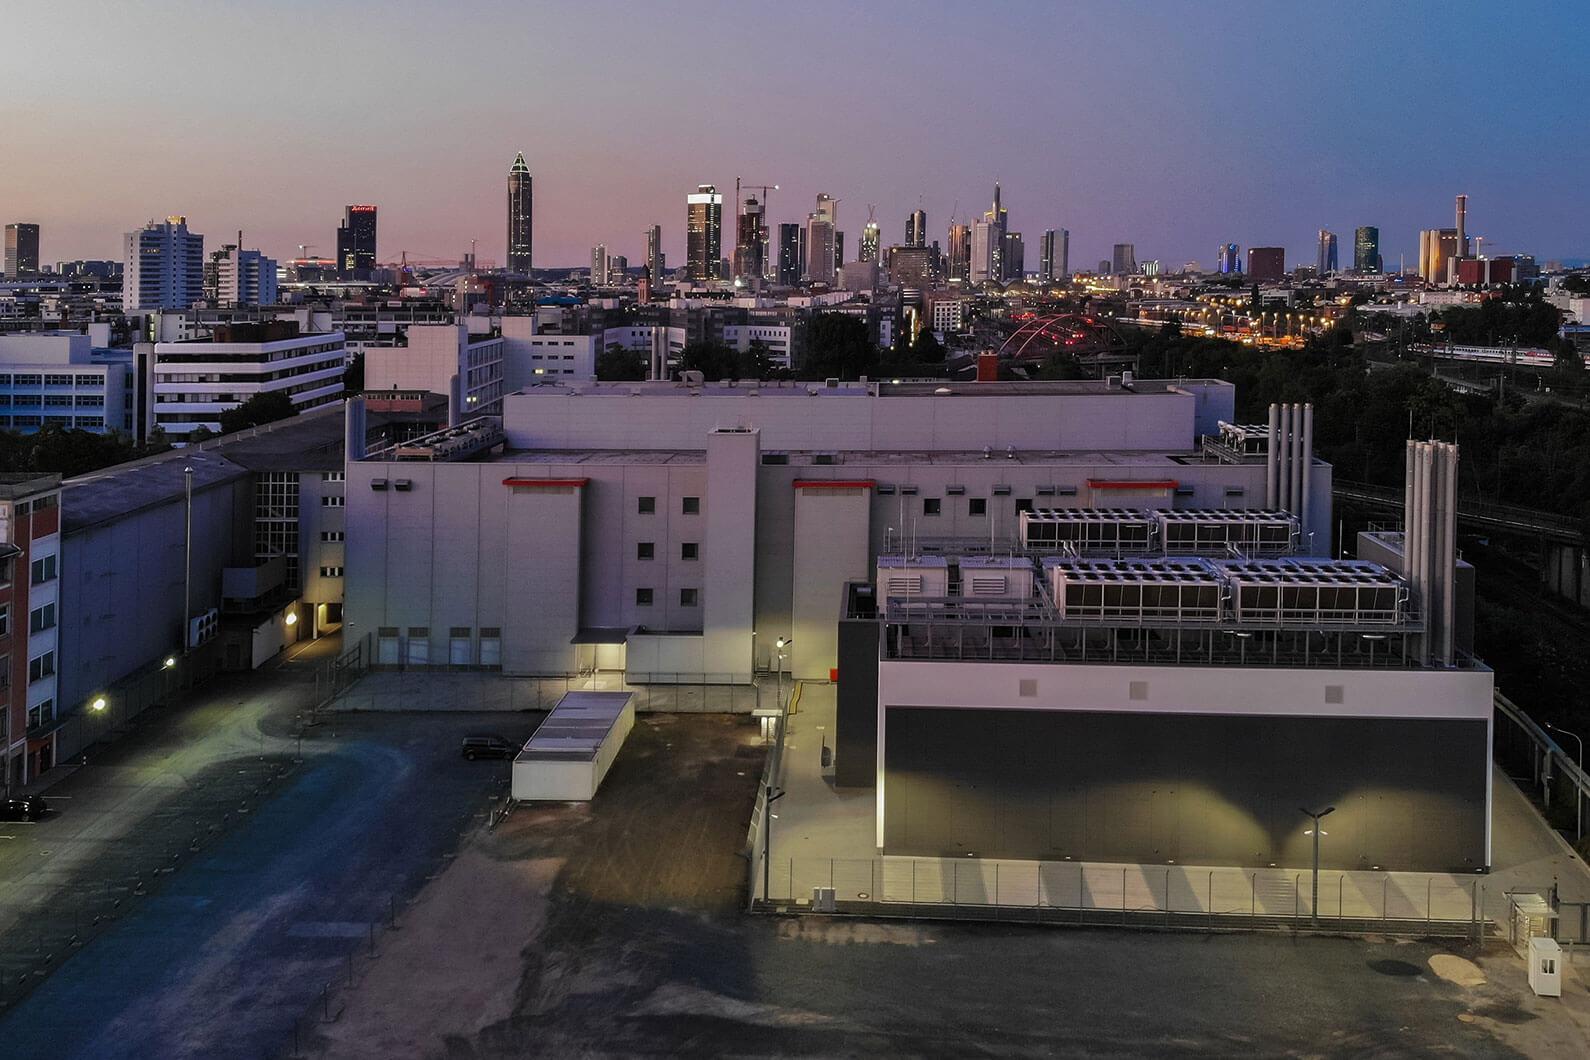 Дата-центр во Франкфурте: ЦОД Telehouse - 10